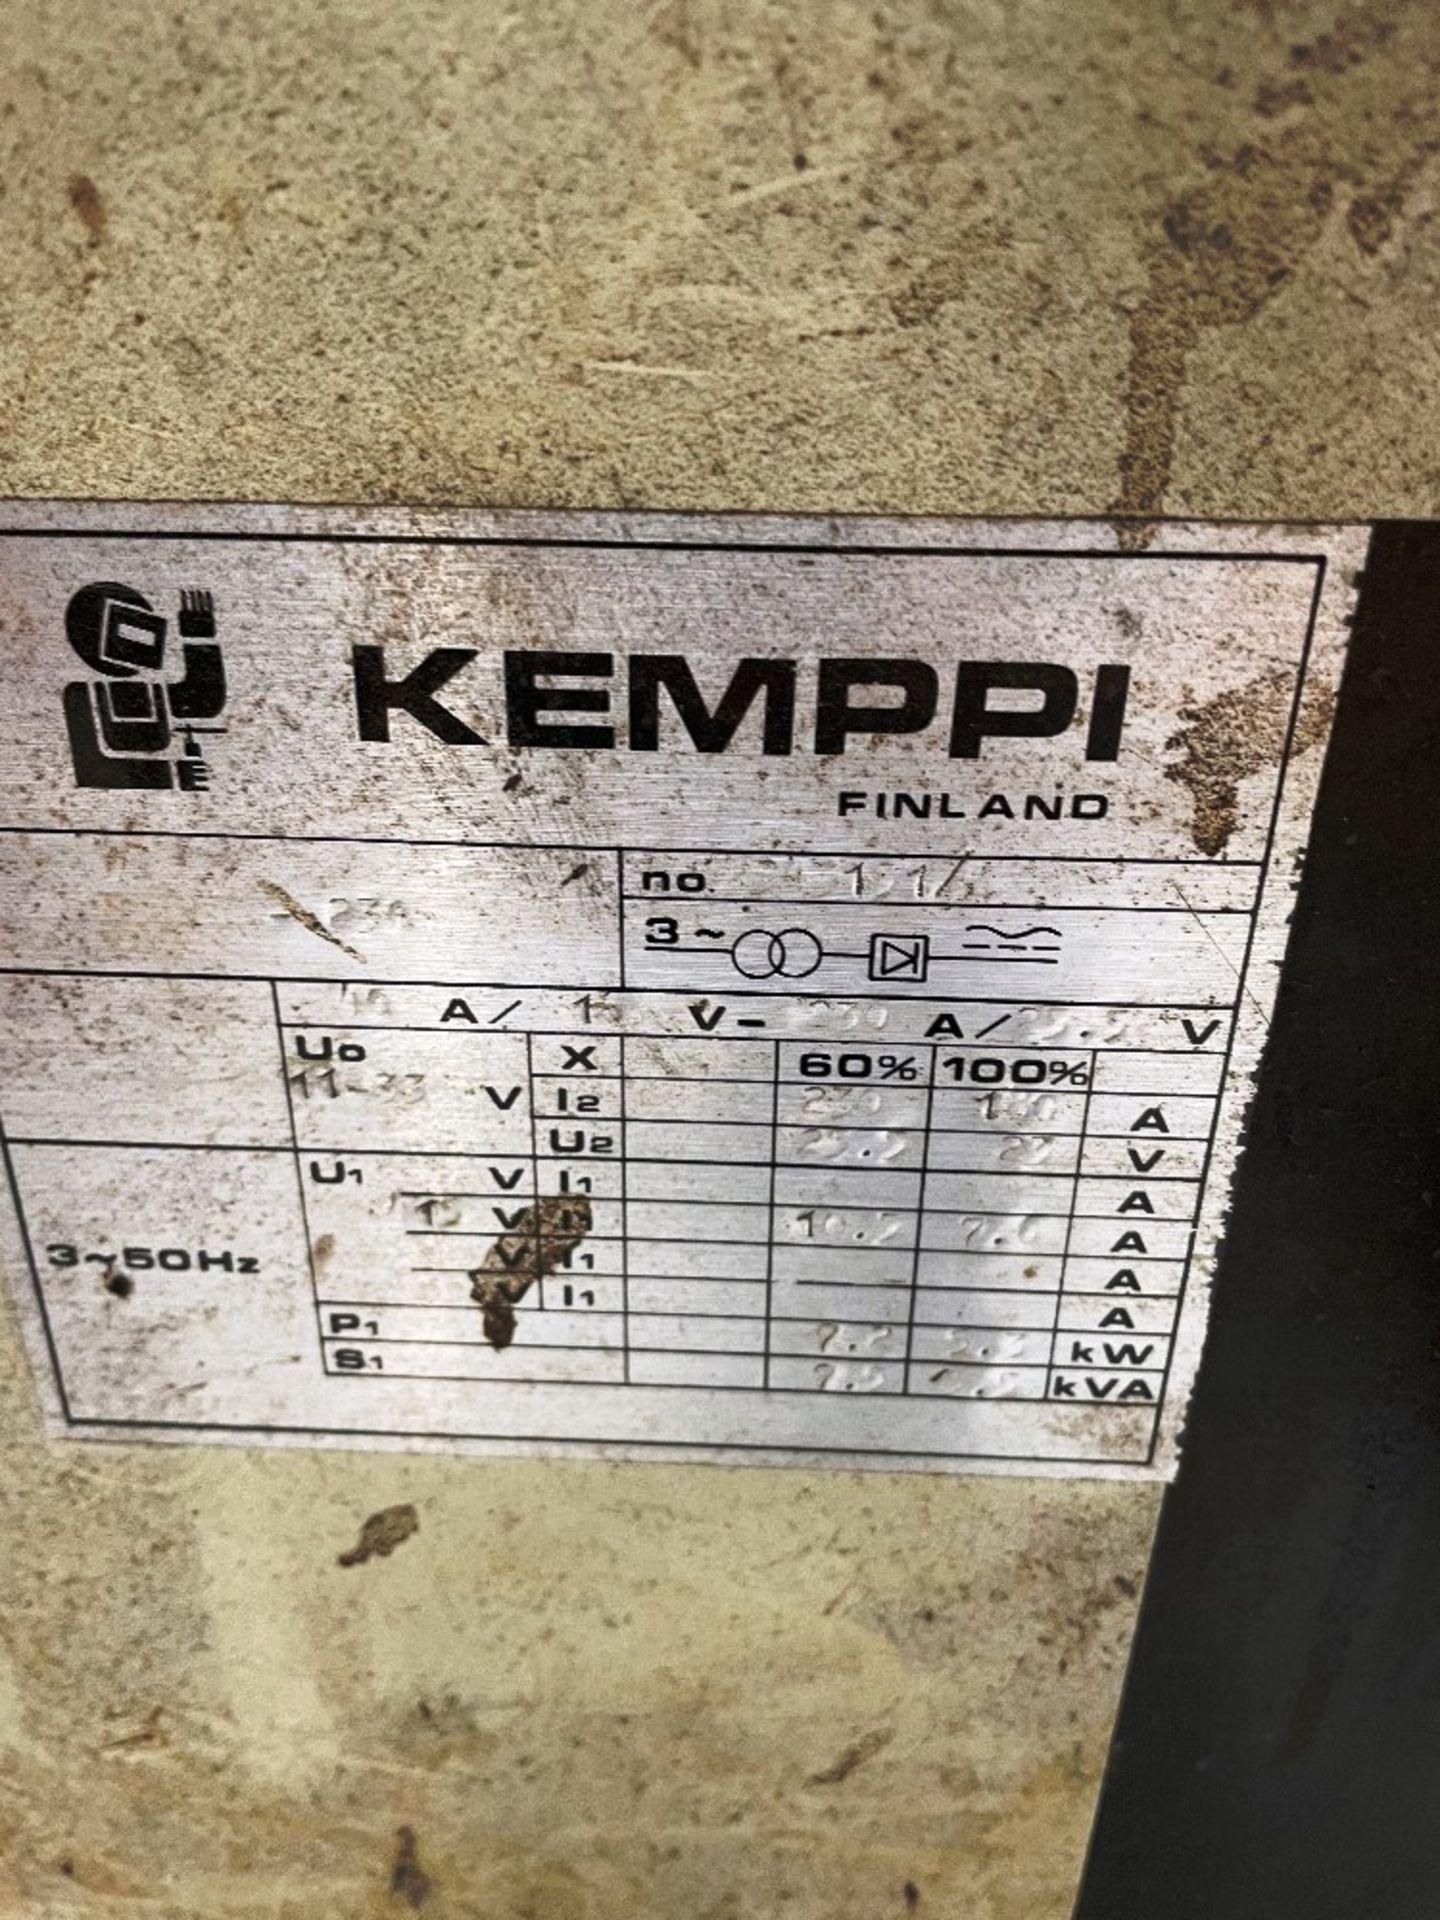 Kemppi RA230 Mig Welder w/ Kemppi Lisa 15 Wire Guide Tube - Image 6 of 6